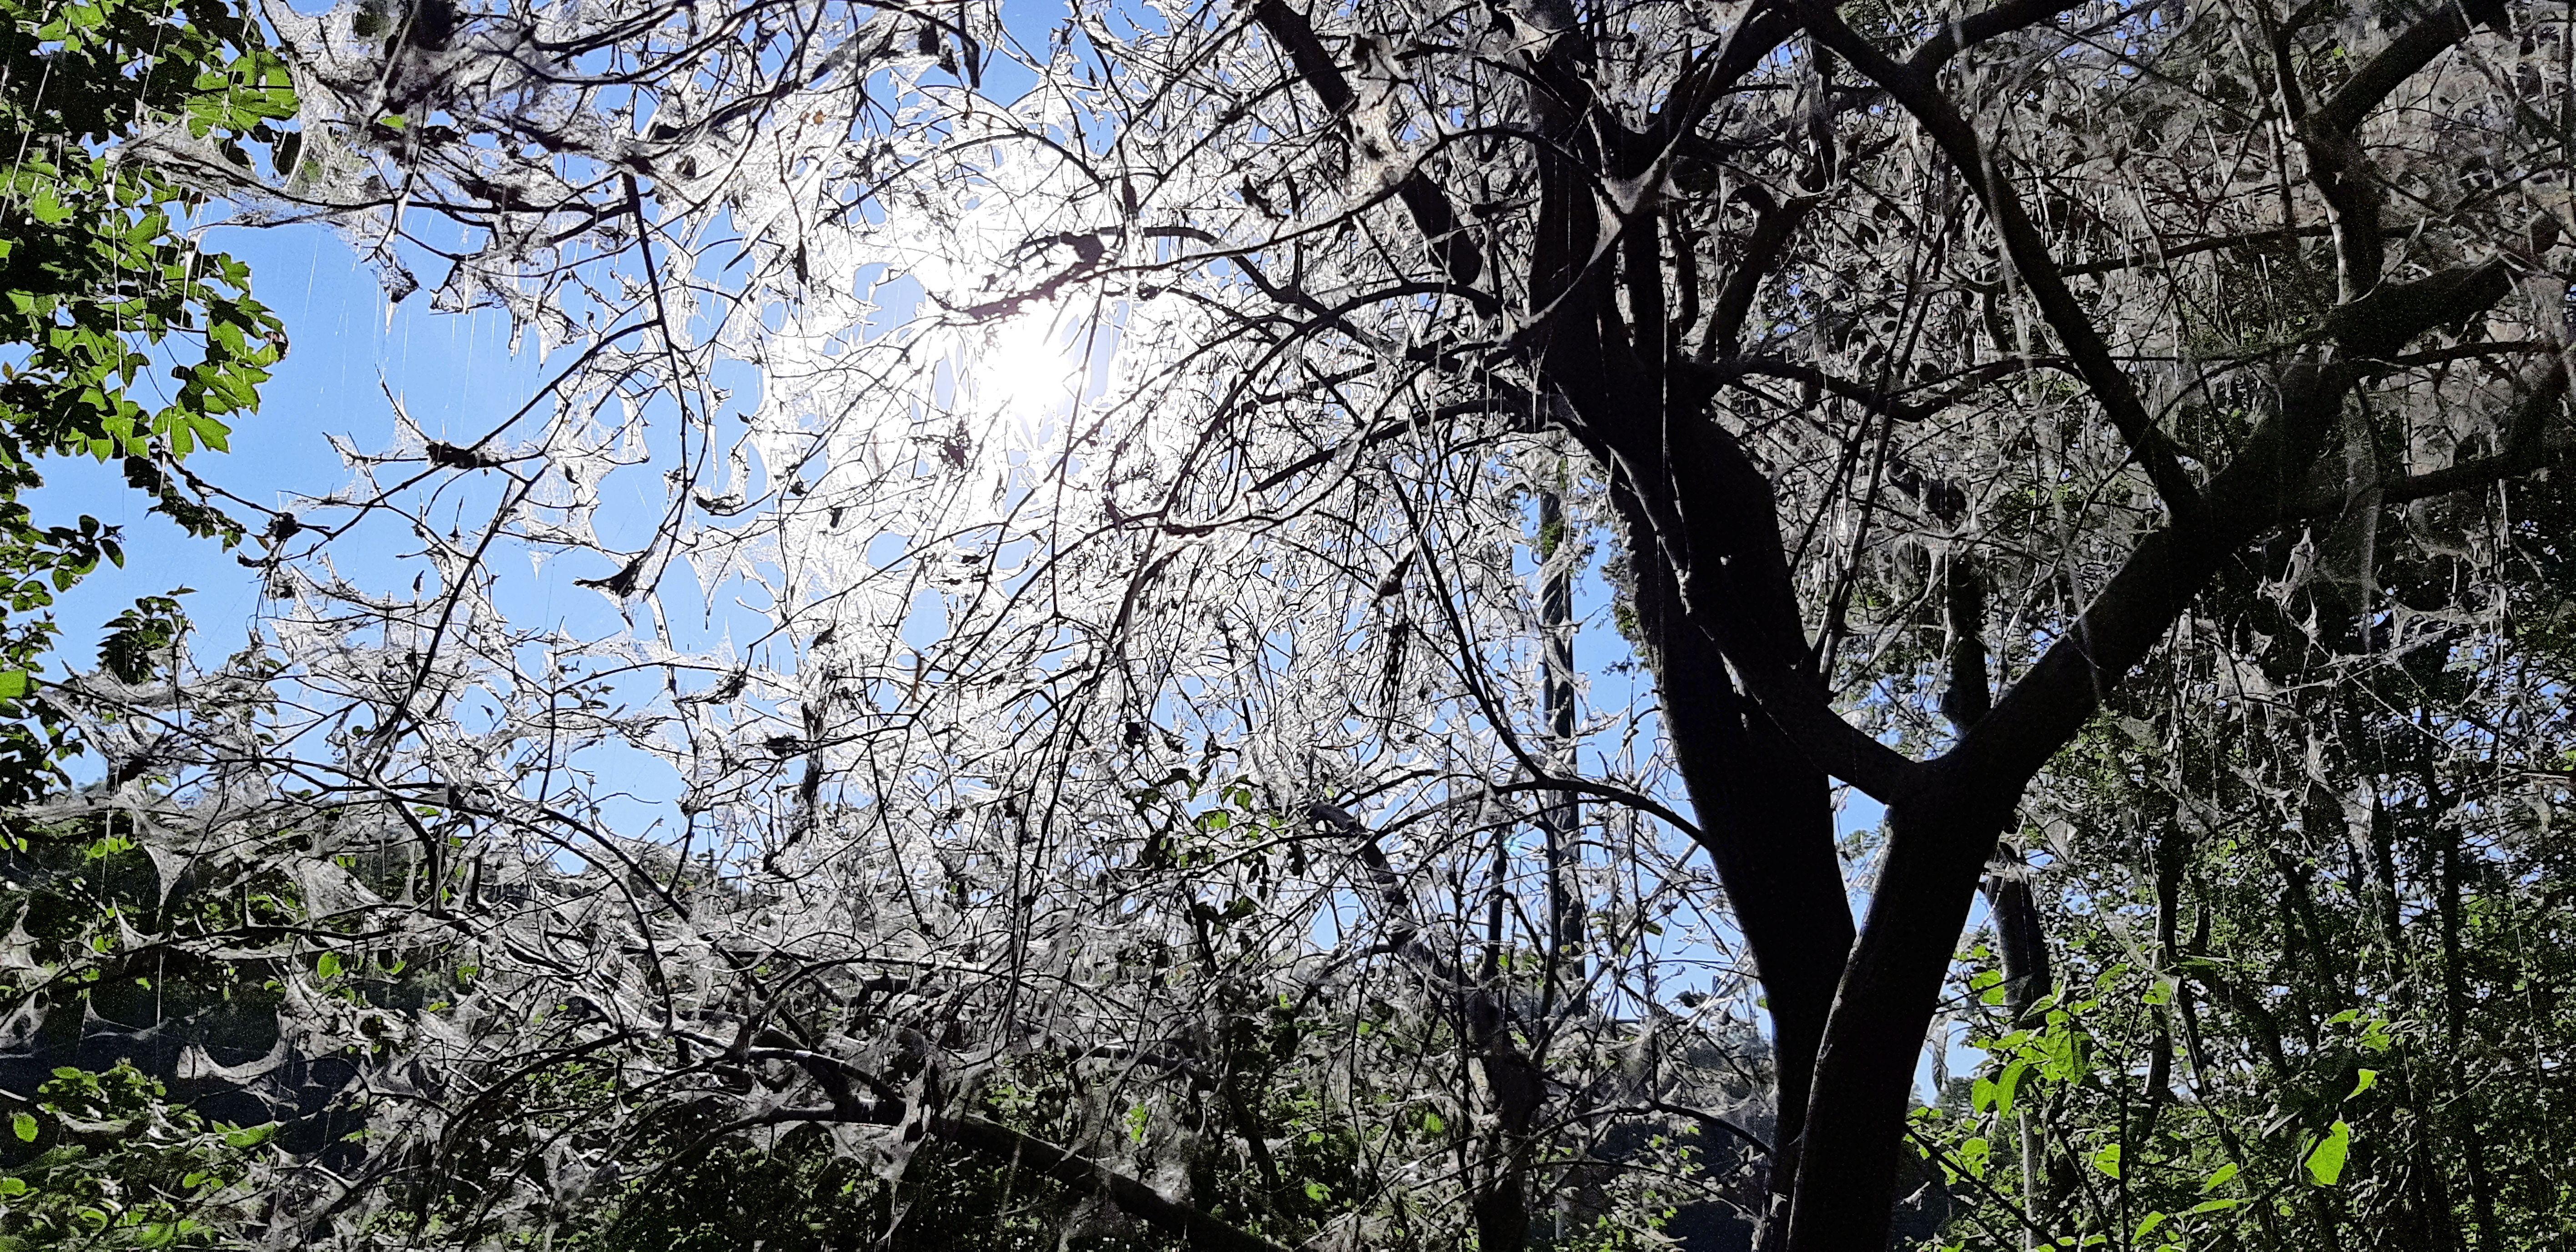 Er hangen hele slierten van webben over het fietspad en de bomen zien er 'spookachtig' uit. Allemaal de schuld van de rups van de spinselmot